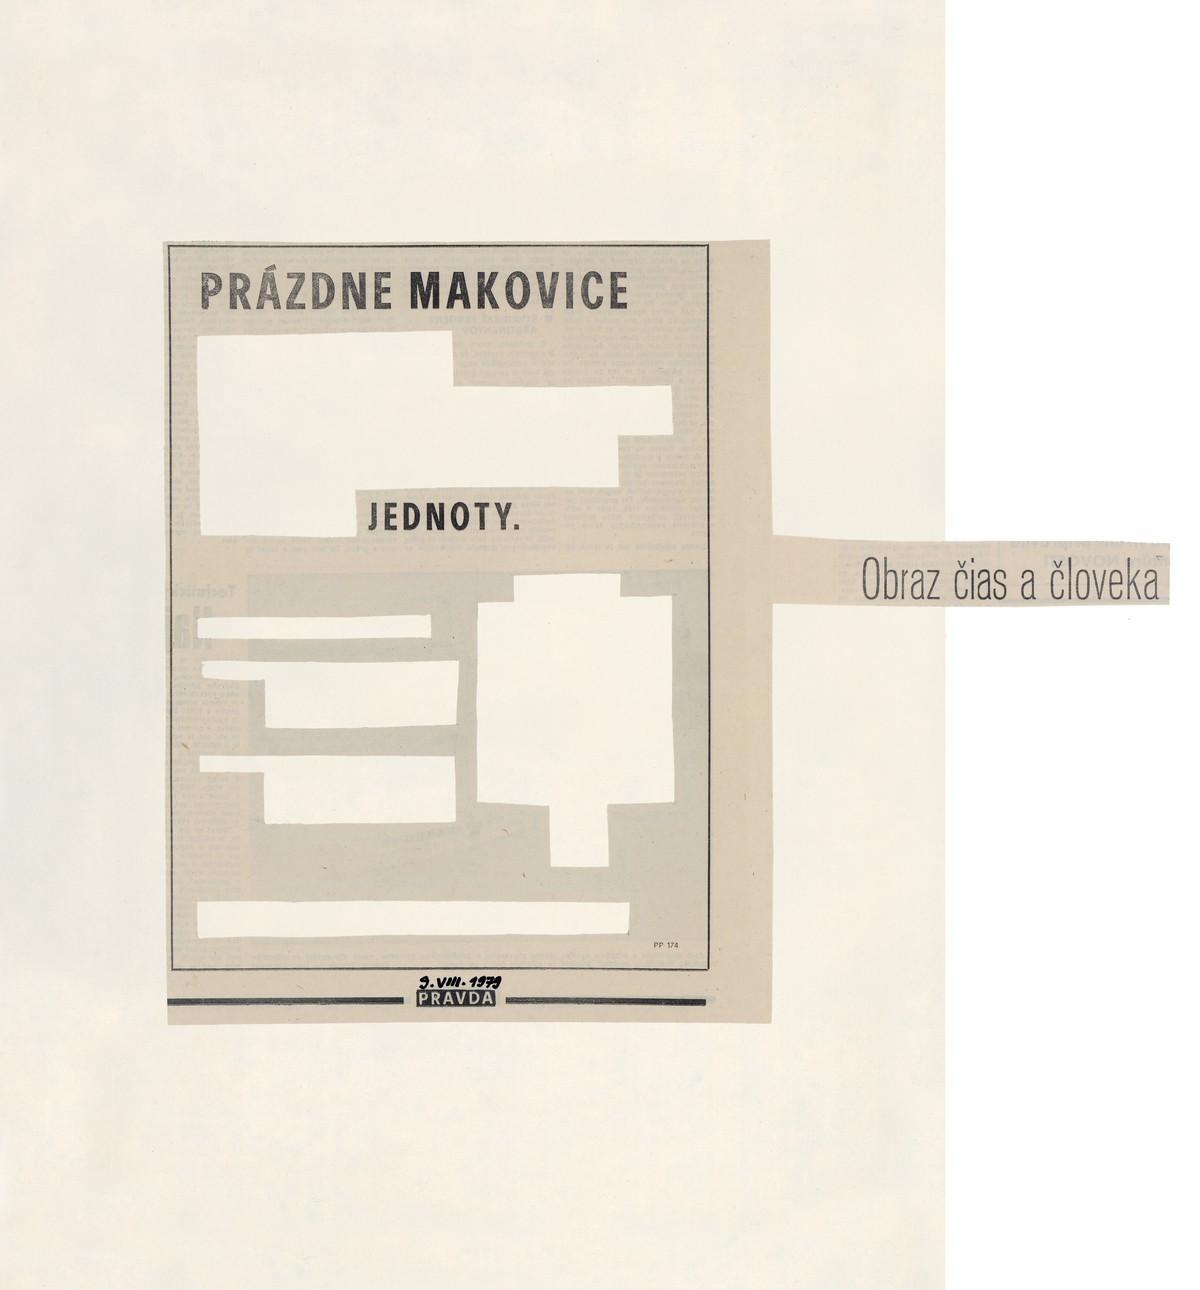 Július Koller, Prázdne makovice...jednoty. 1979. Slovenská národná galéria